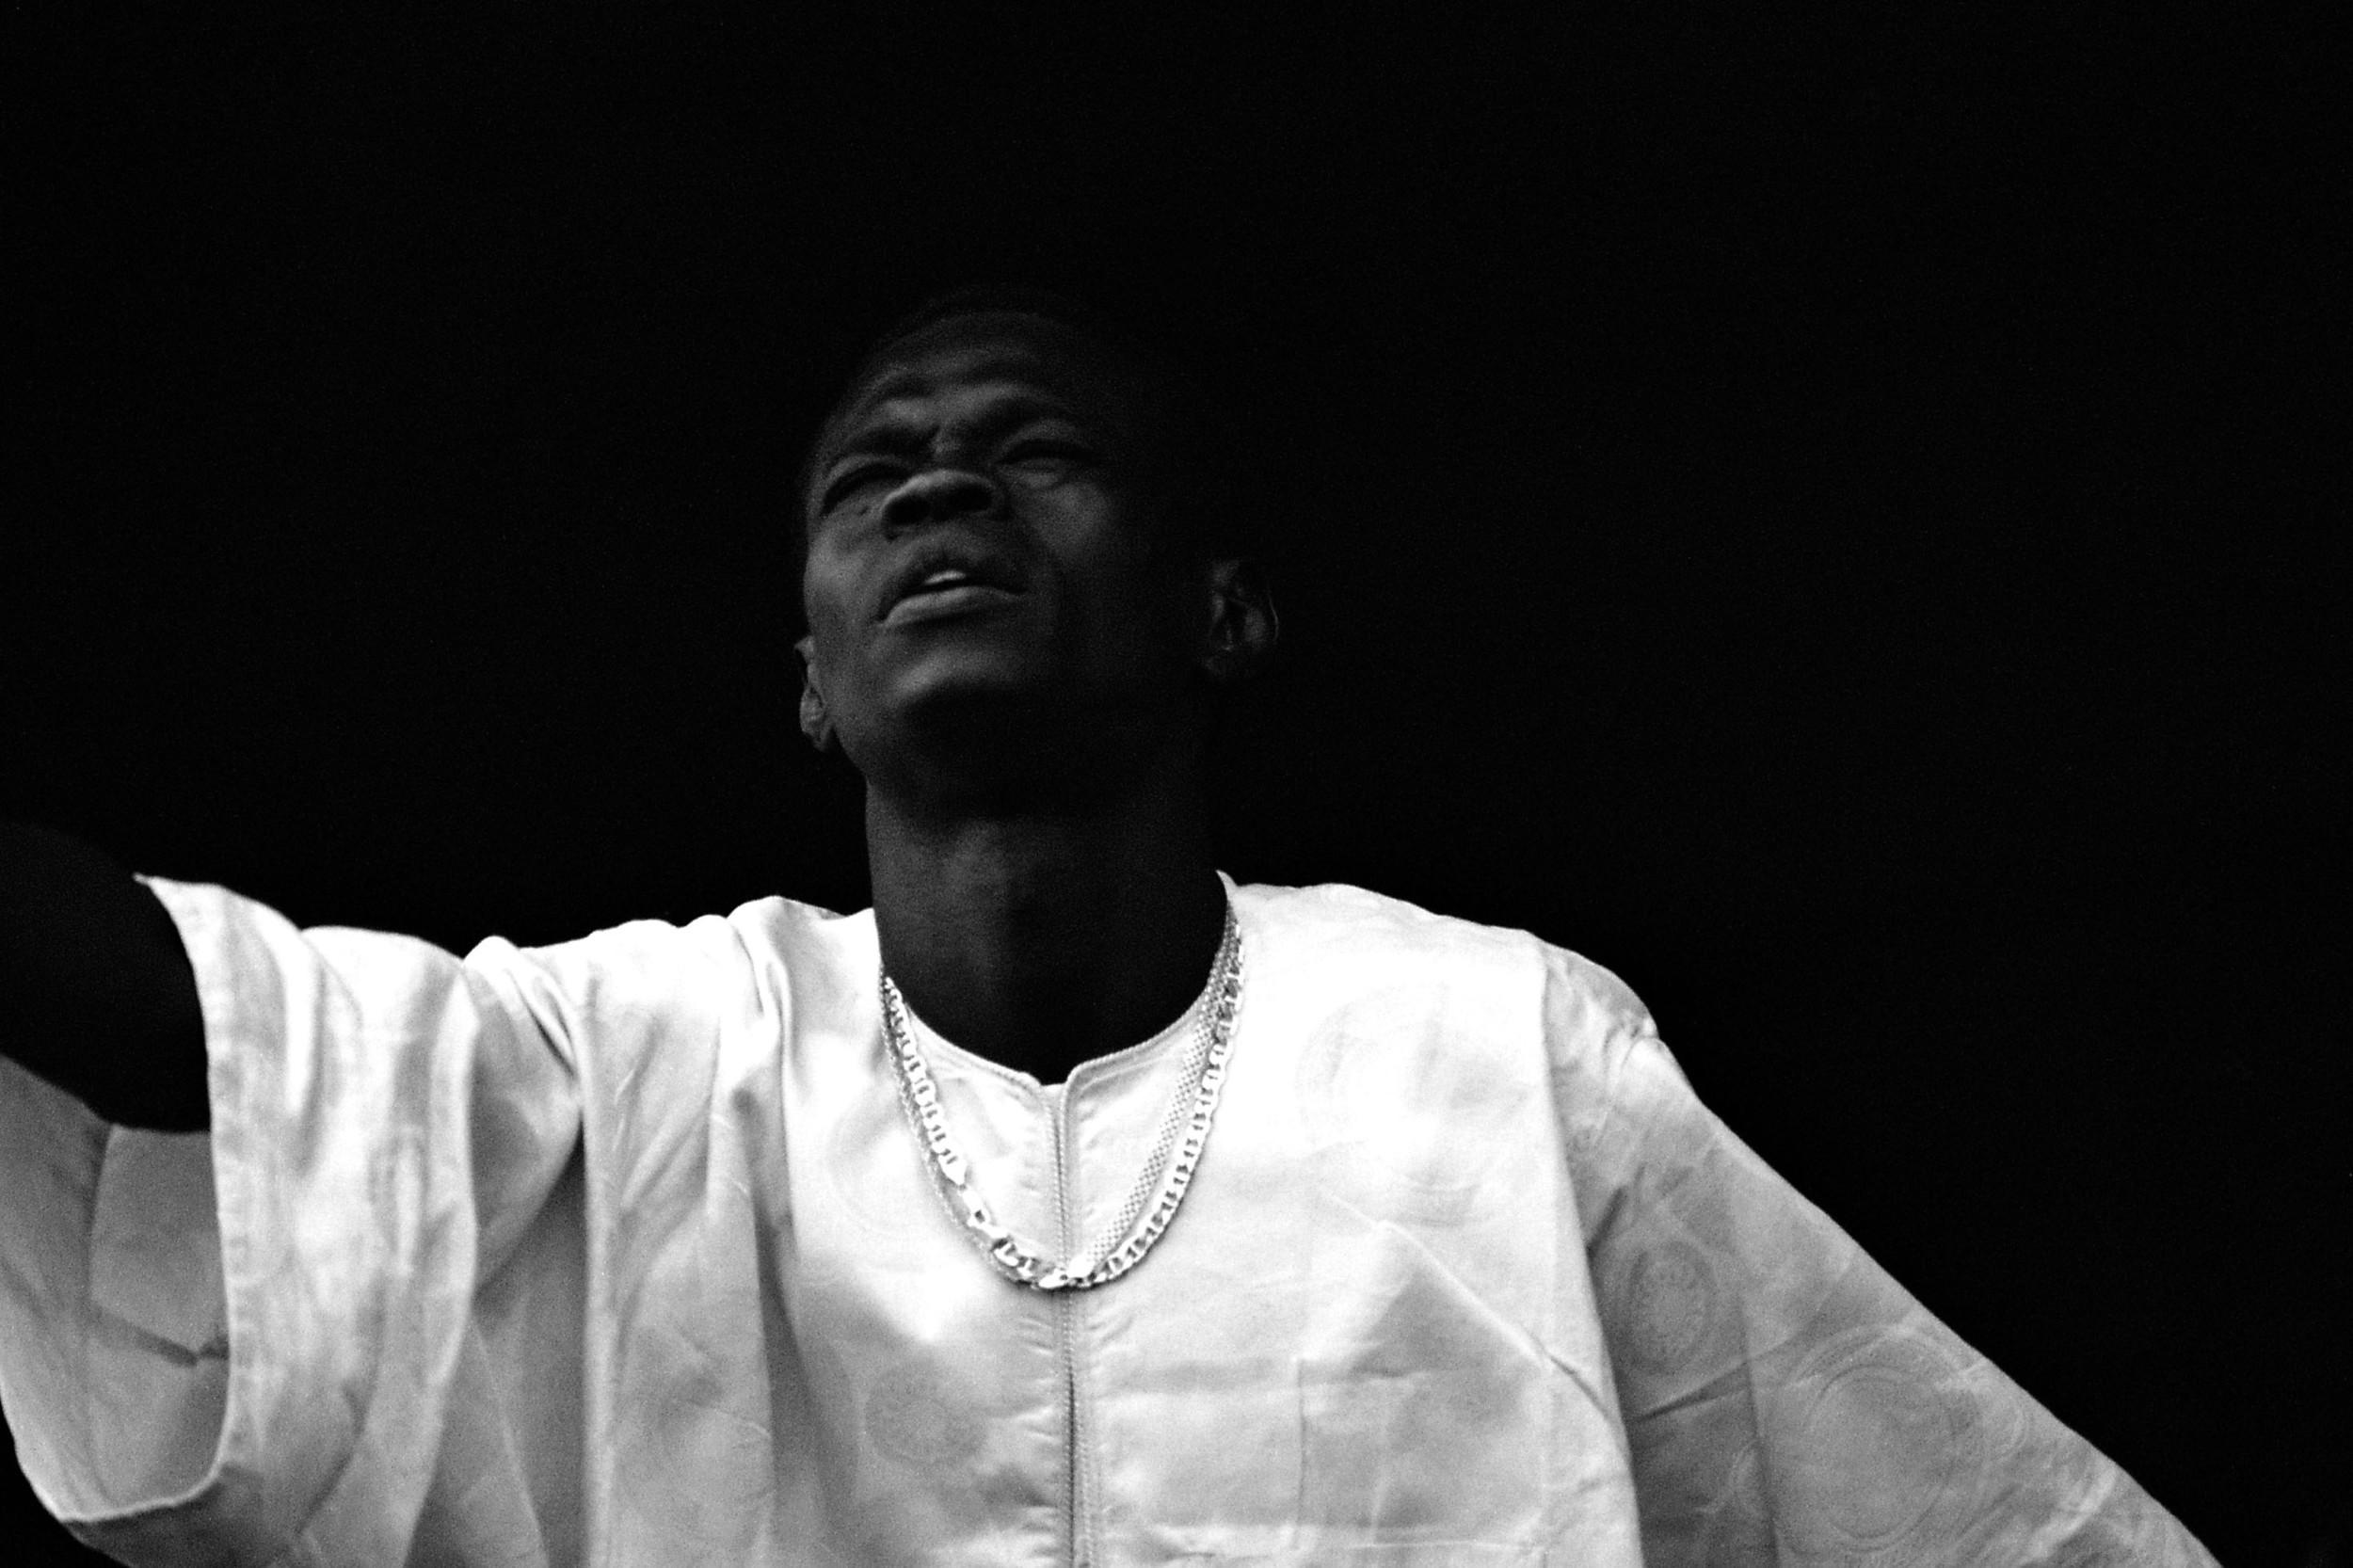 Baaba Maal, Musician. New Orleans 1999